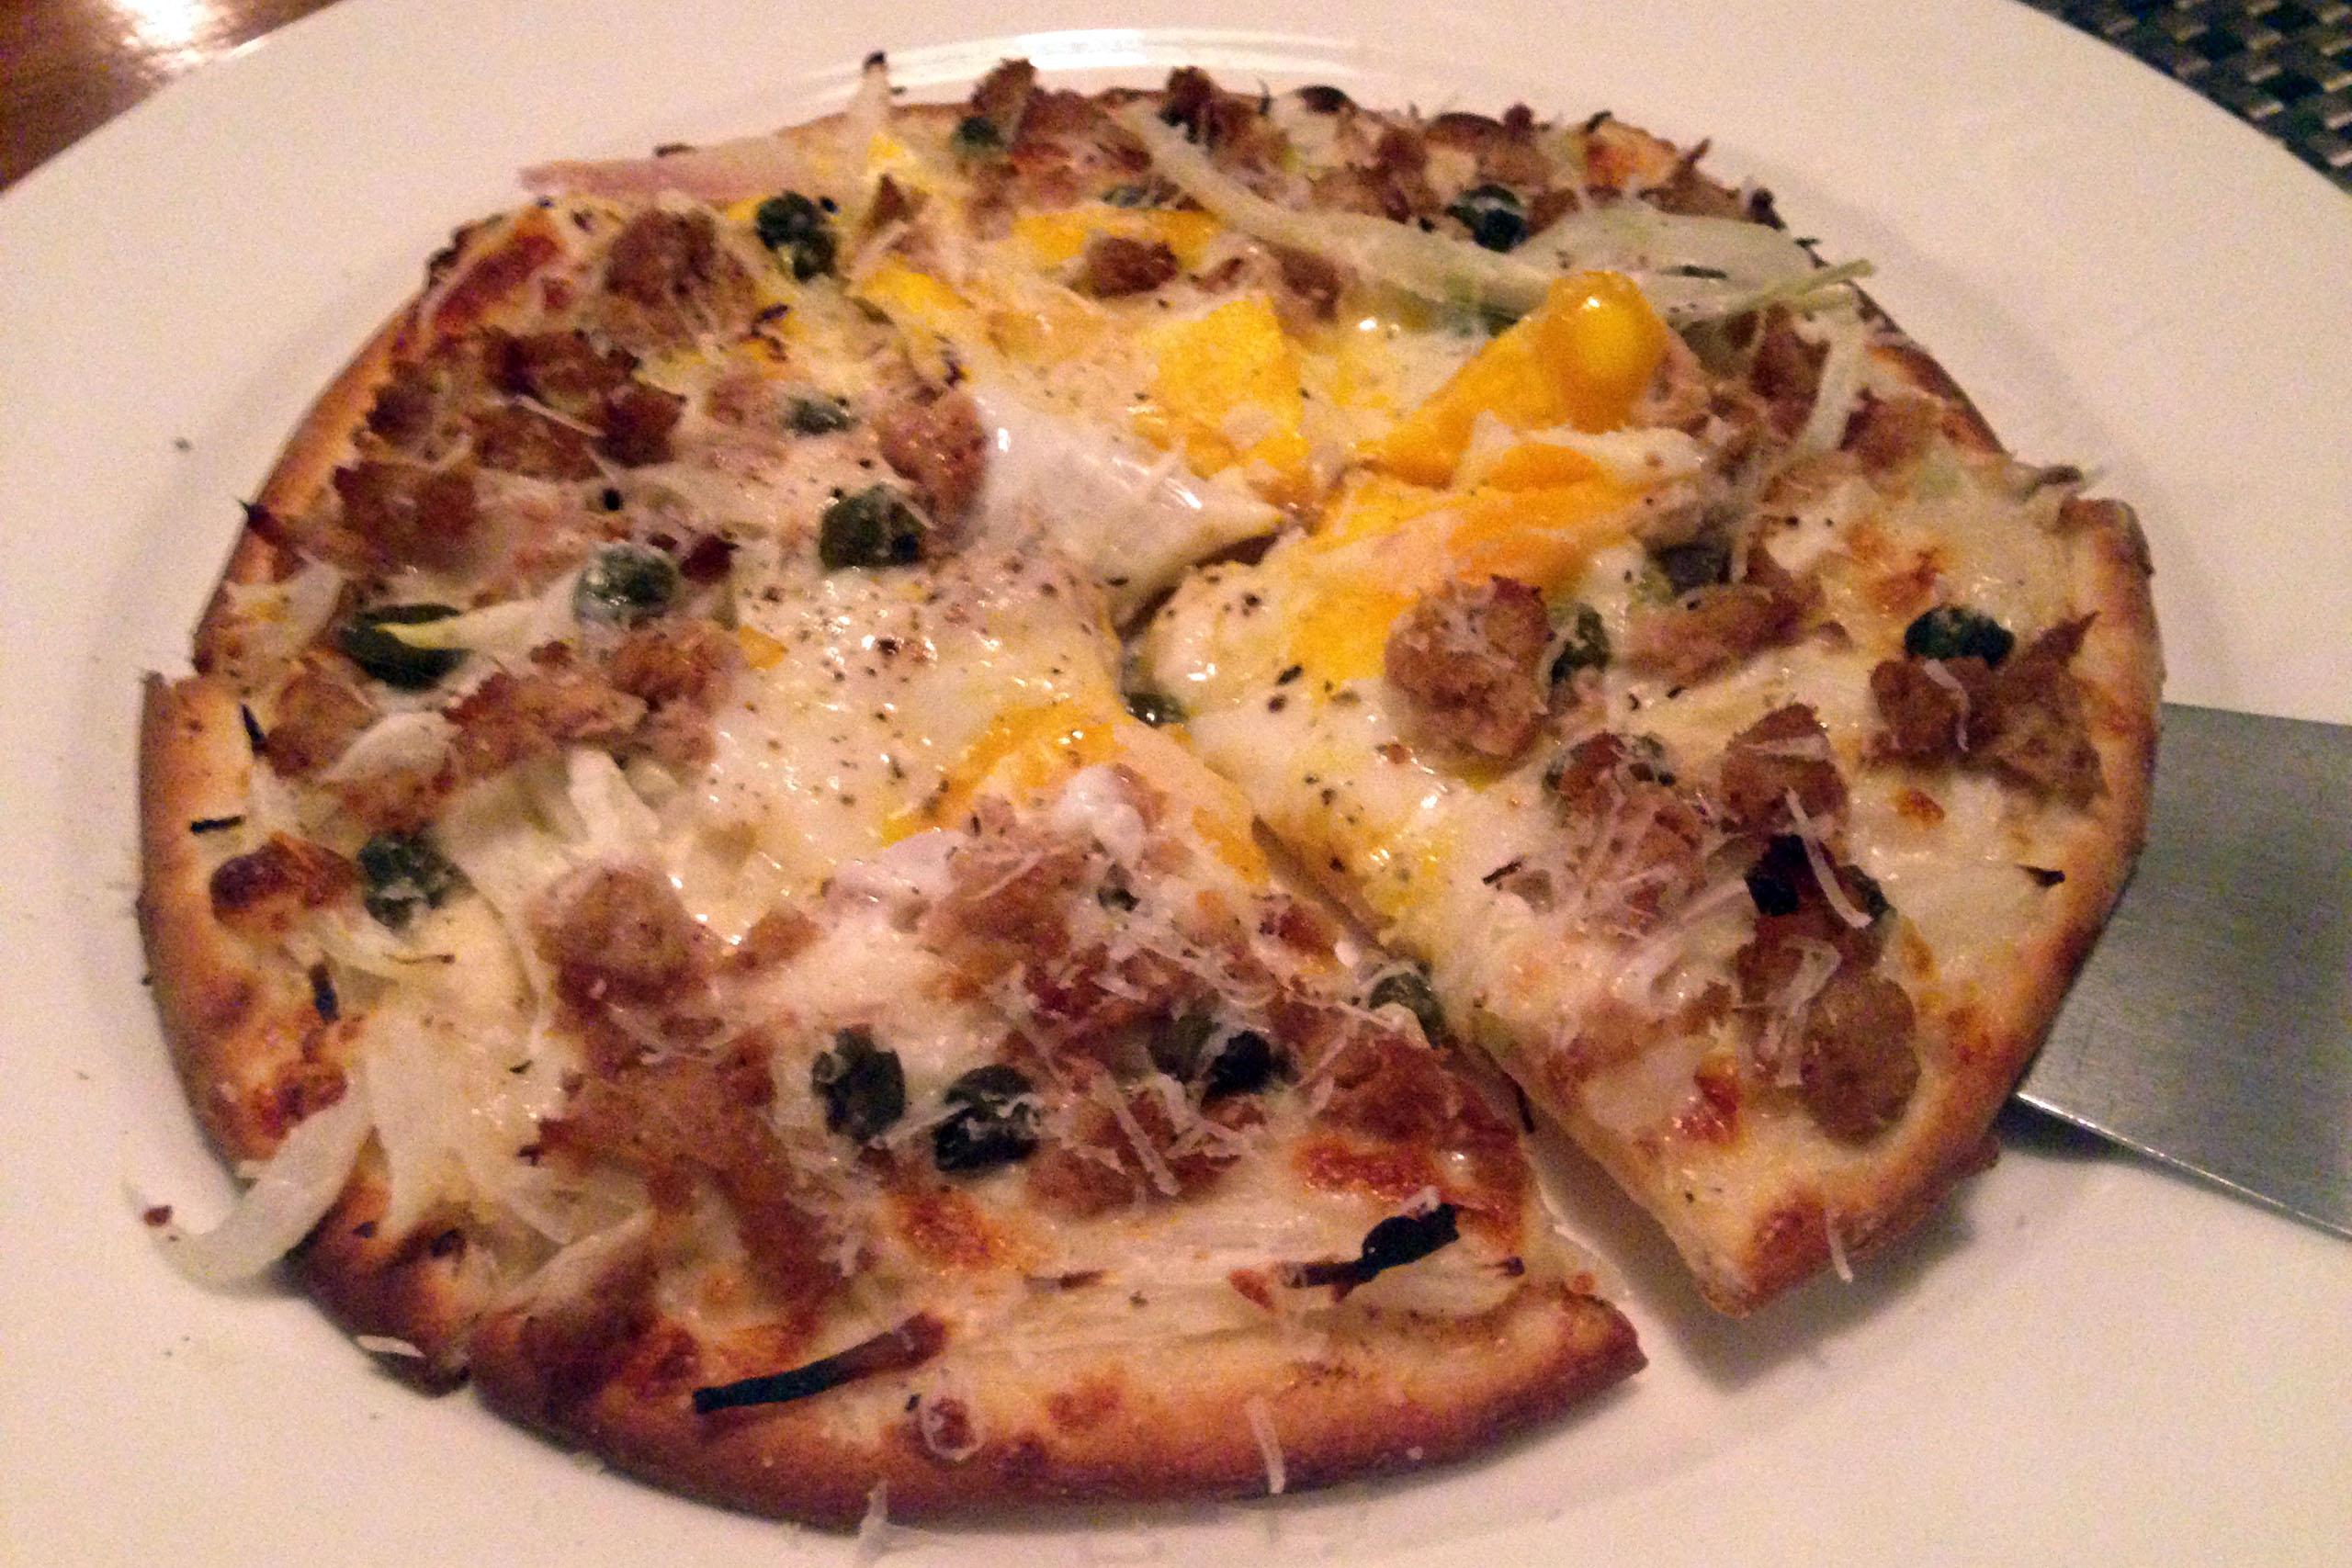 똔노 비스마르크(참치, 양파, 케이퍼, 달걀이 올라간 시칠리아풍 피자)